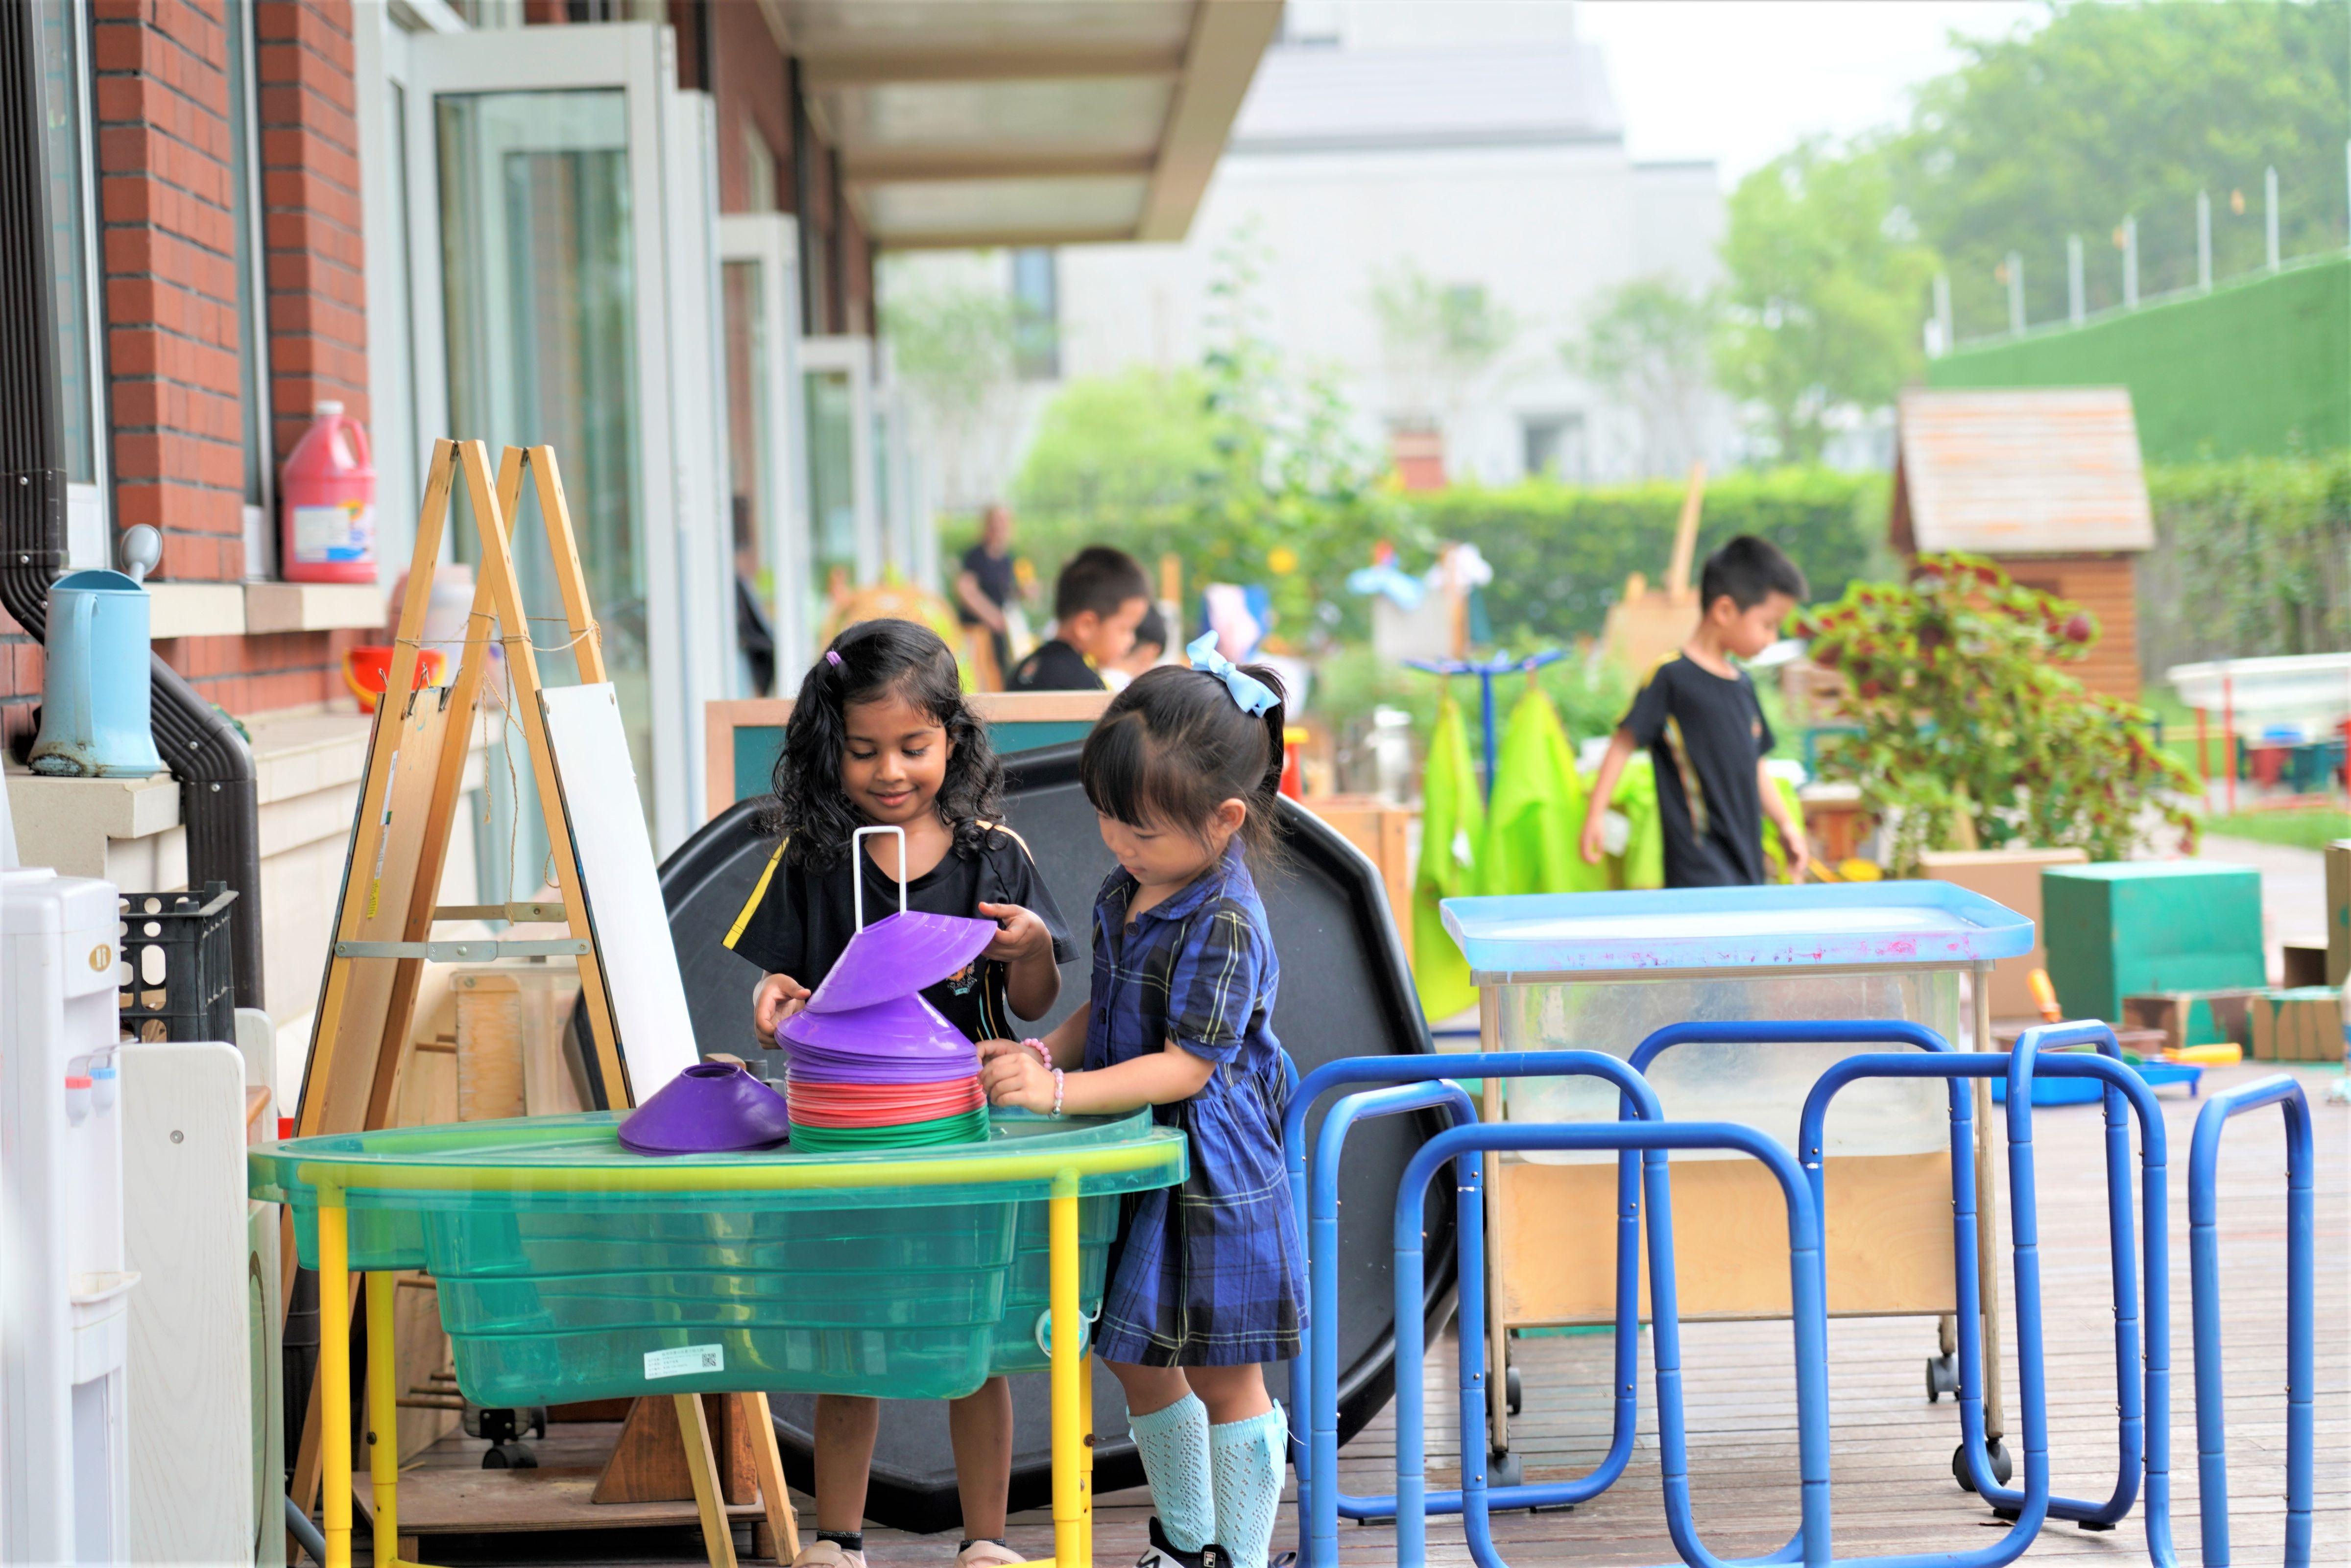 暑期,孩子的幸福感与参与度如何提升?